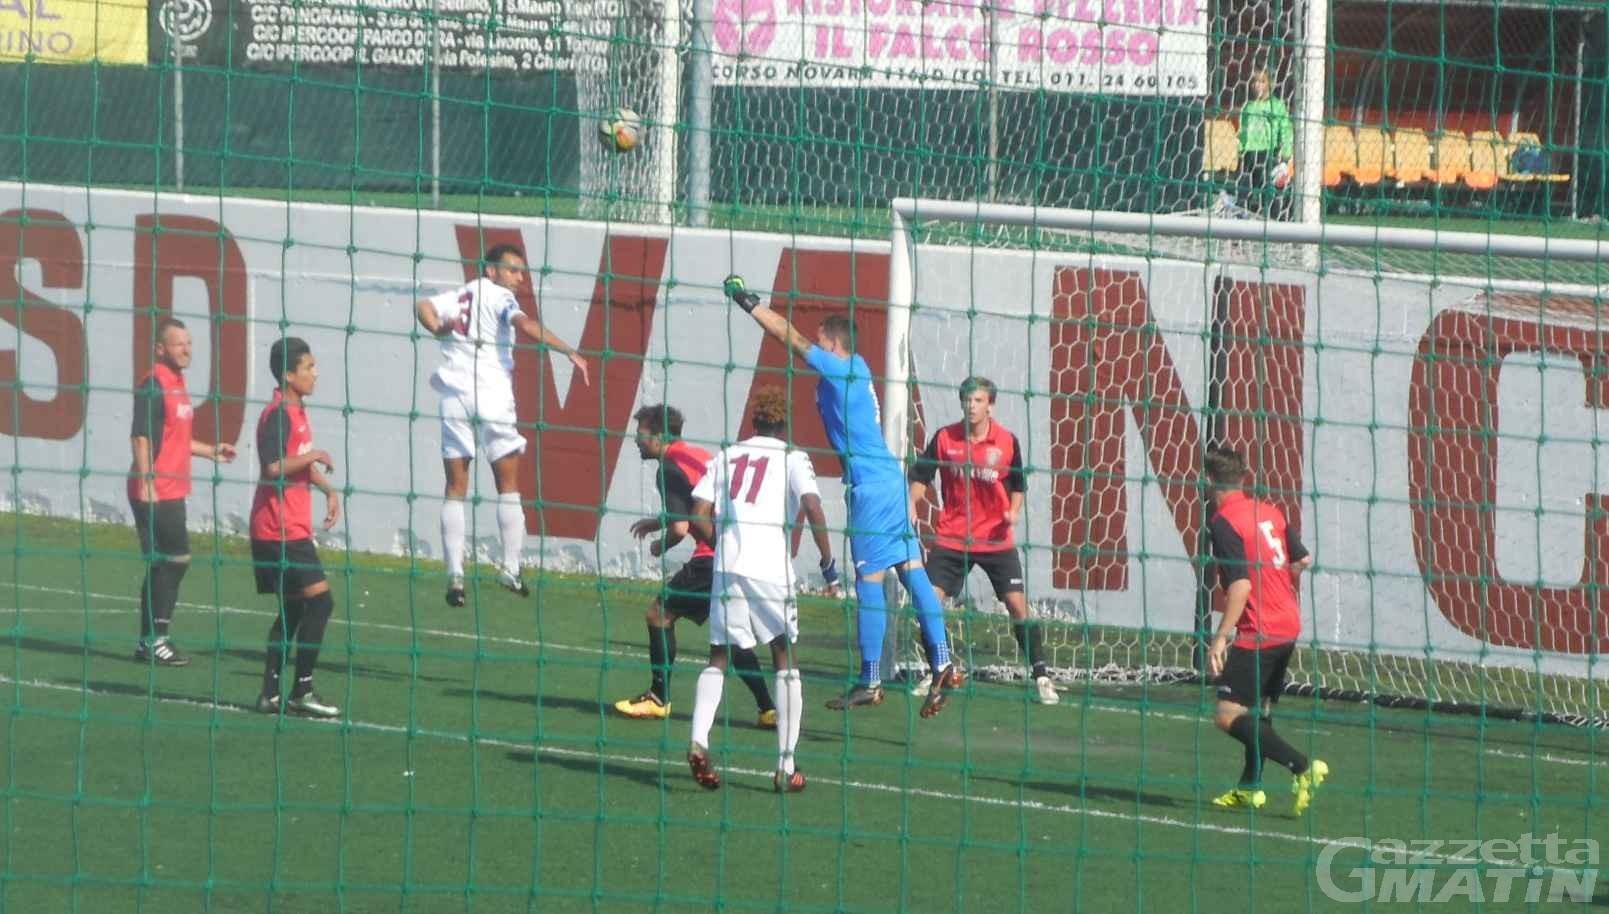 Calcio: in semifinale di Coppa ci sarà Aygreville-Borgomanero